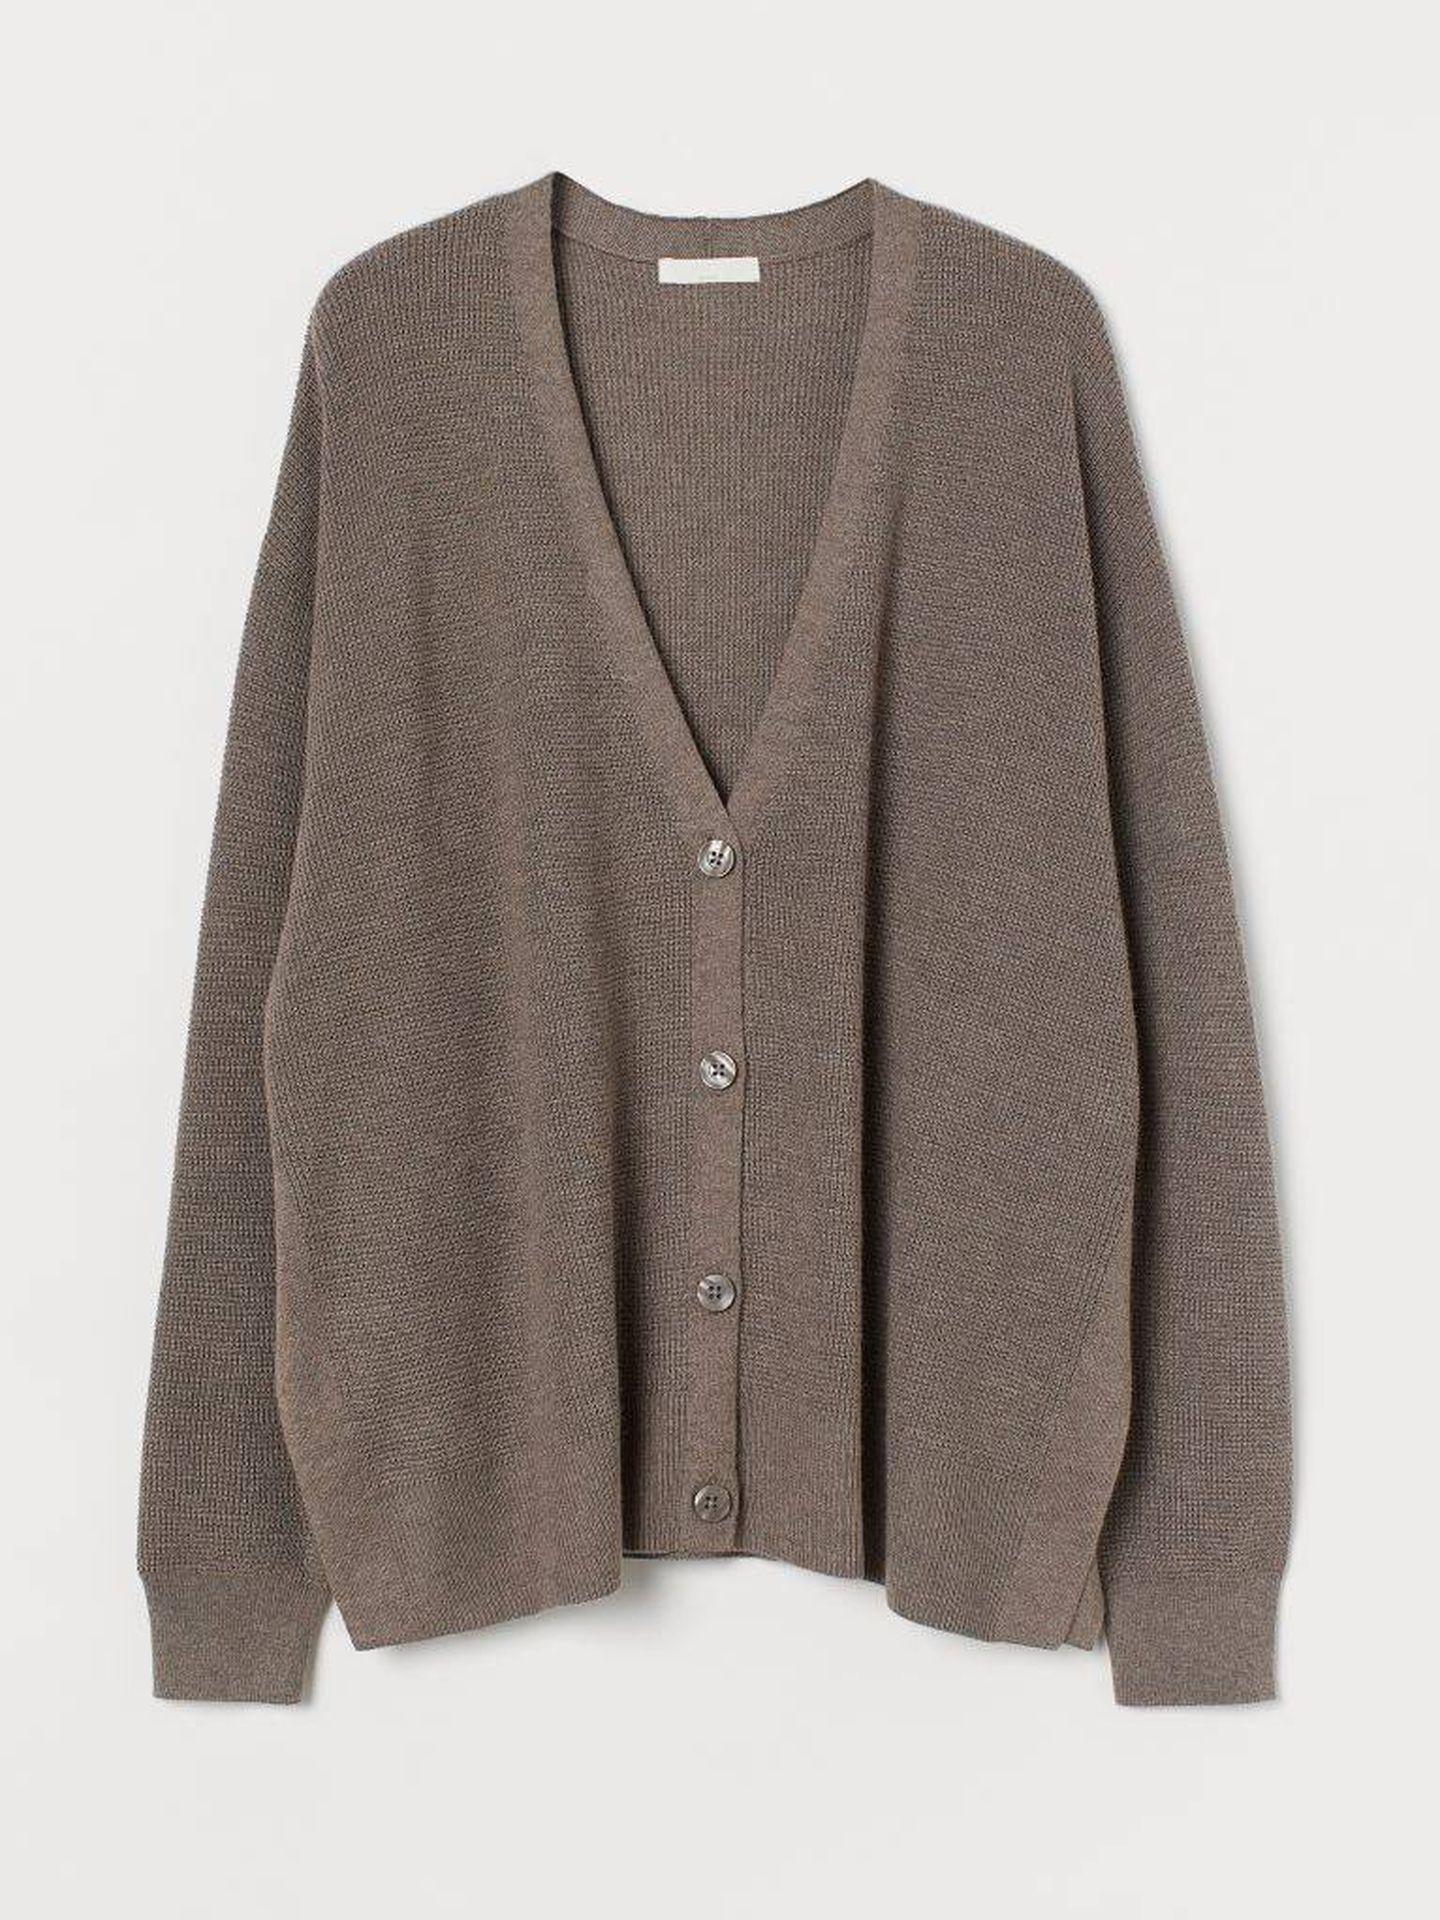 La chaqueta de HyM. (Cortesía)